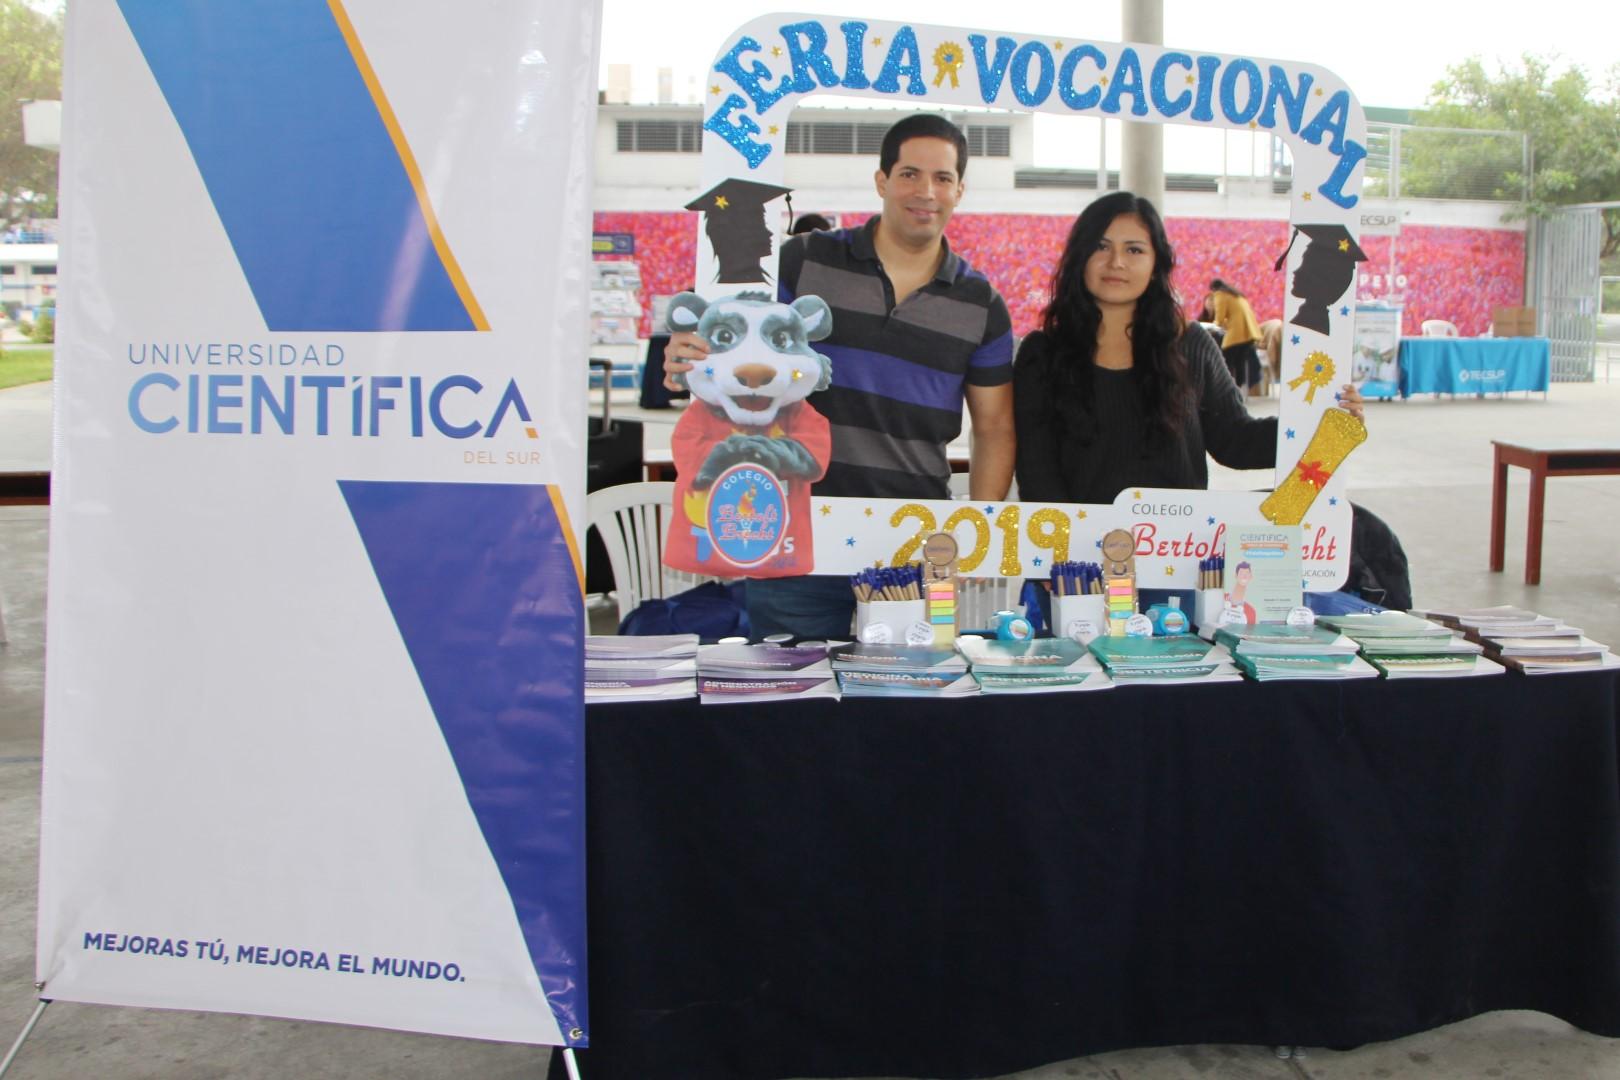 Feria vocacional 2019 (9)